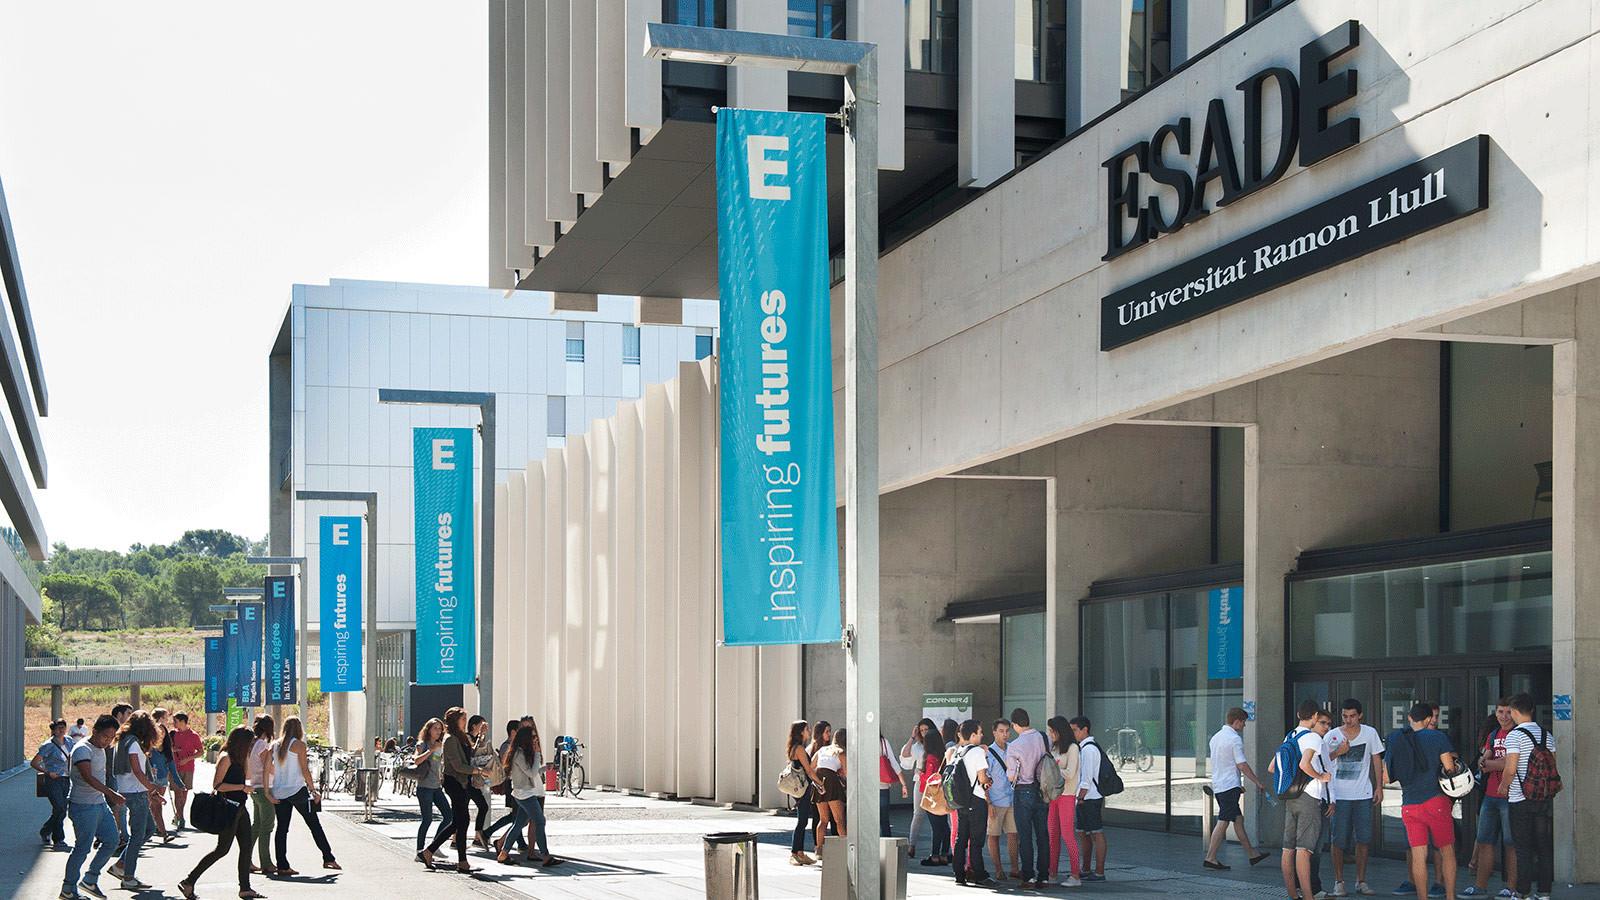 Escuela Superior de Administracion de Empresas: Язык и культурное погружение; Творчество